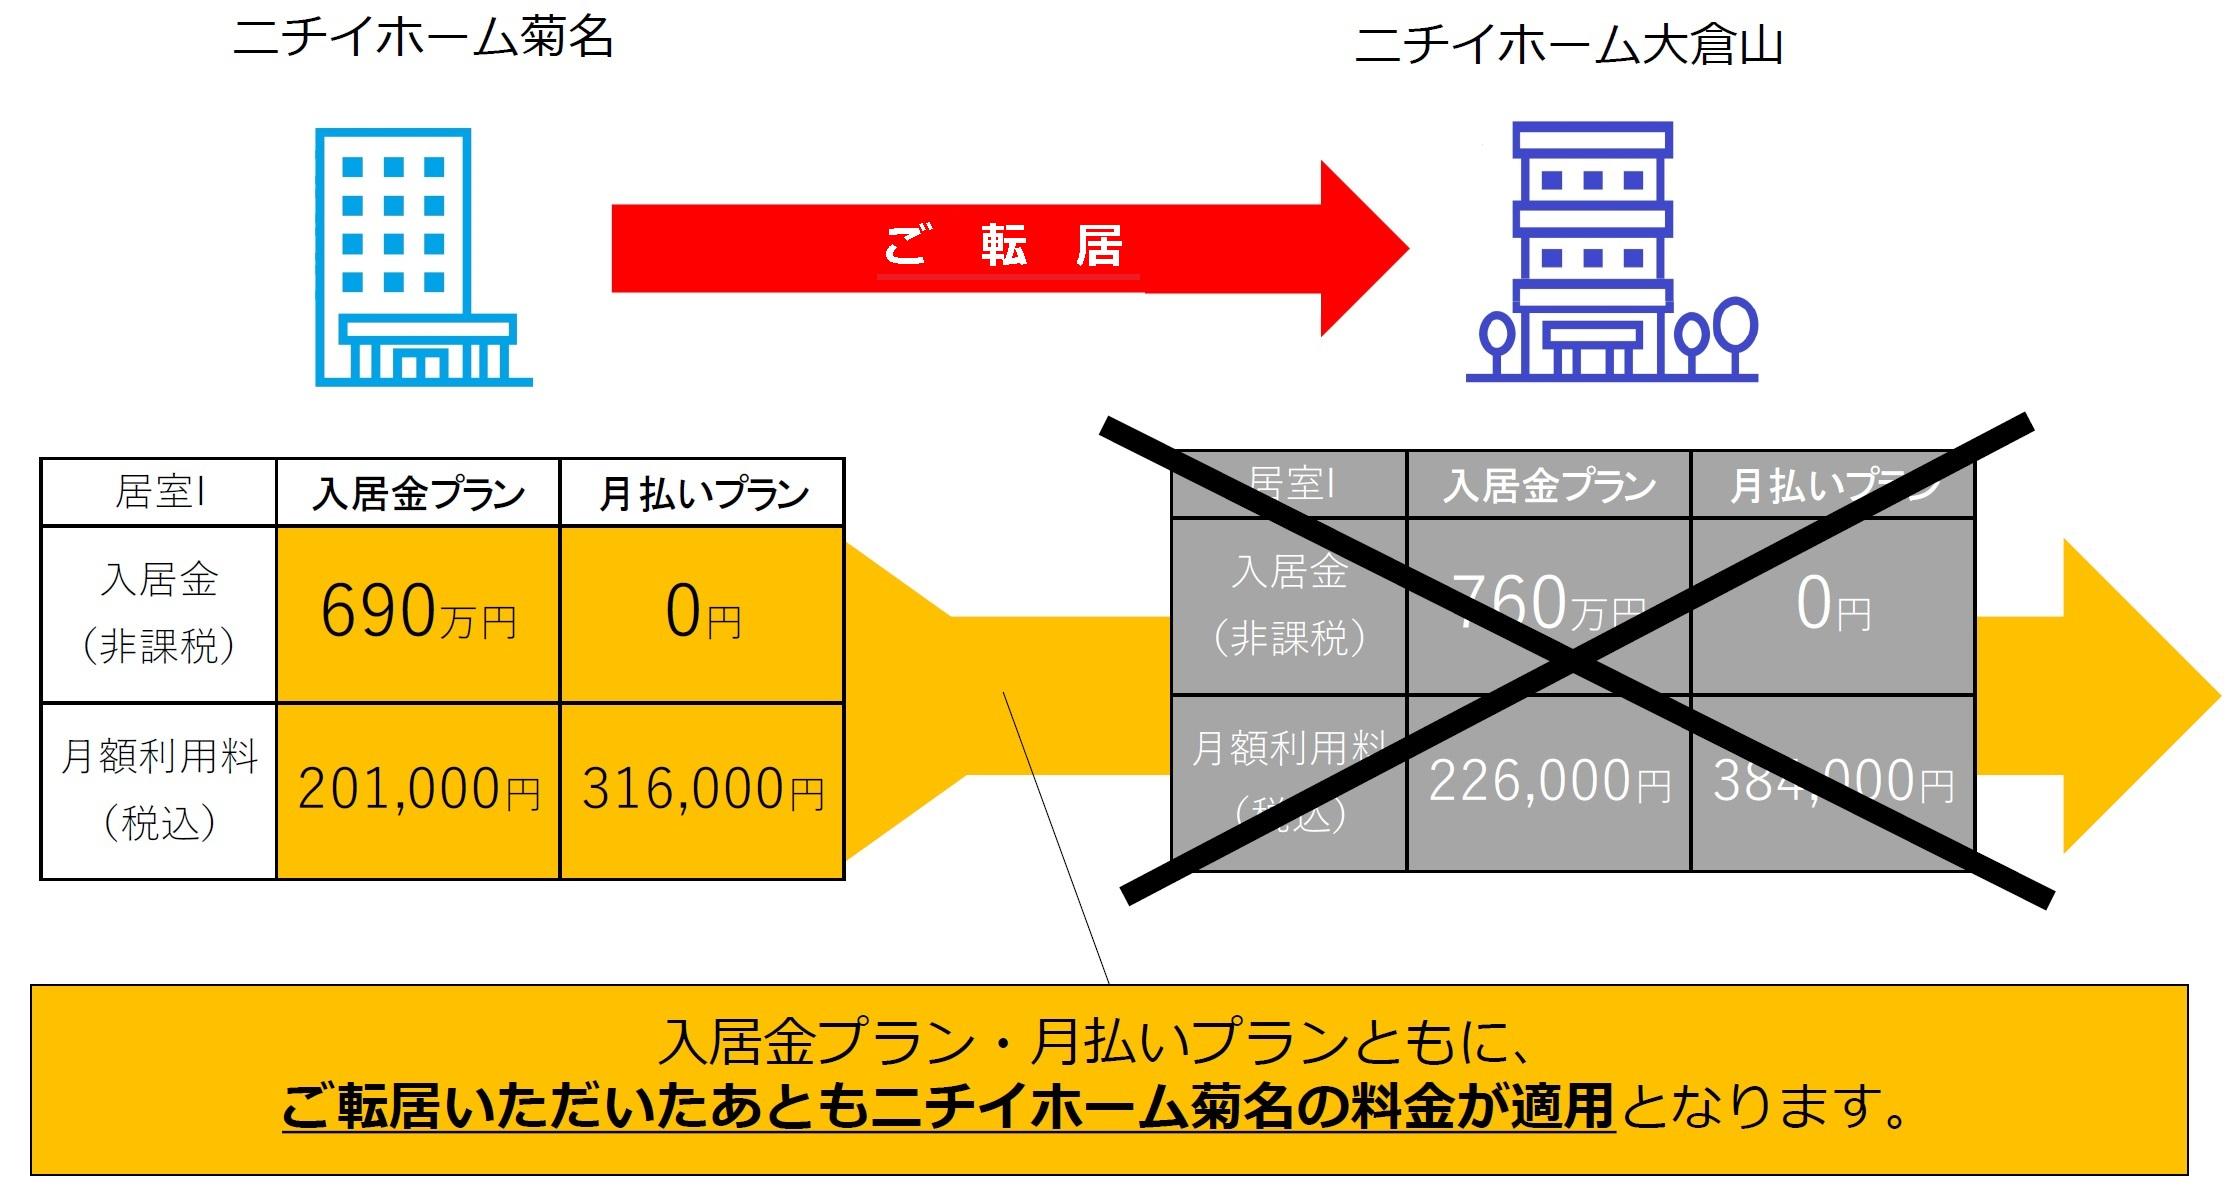 ニチイホーム菊名 キャンペーンイメージ 1